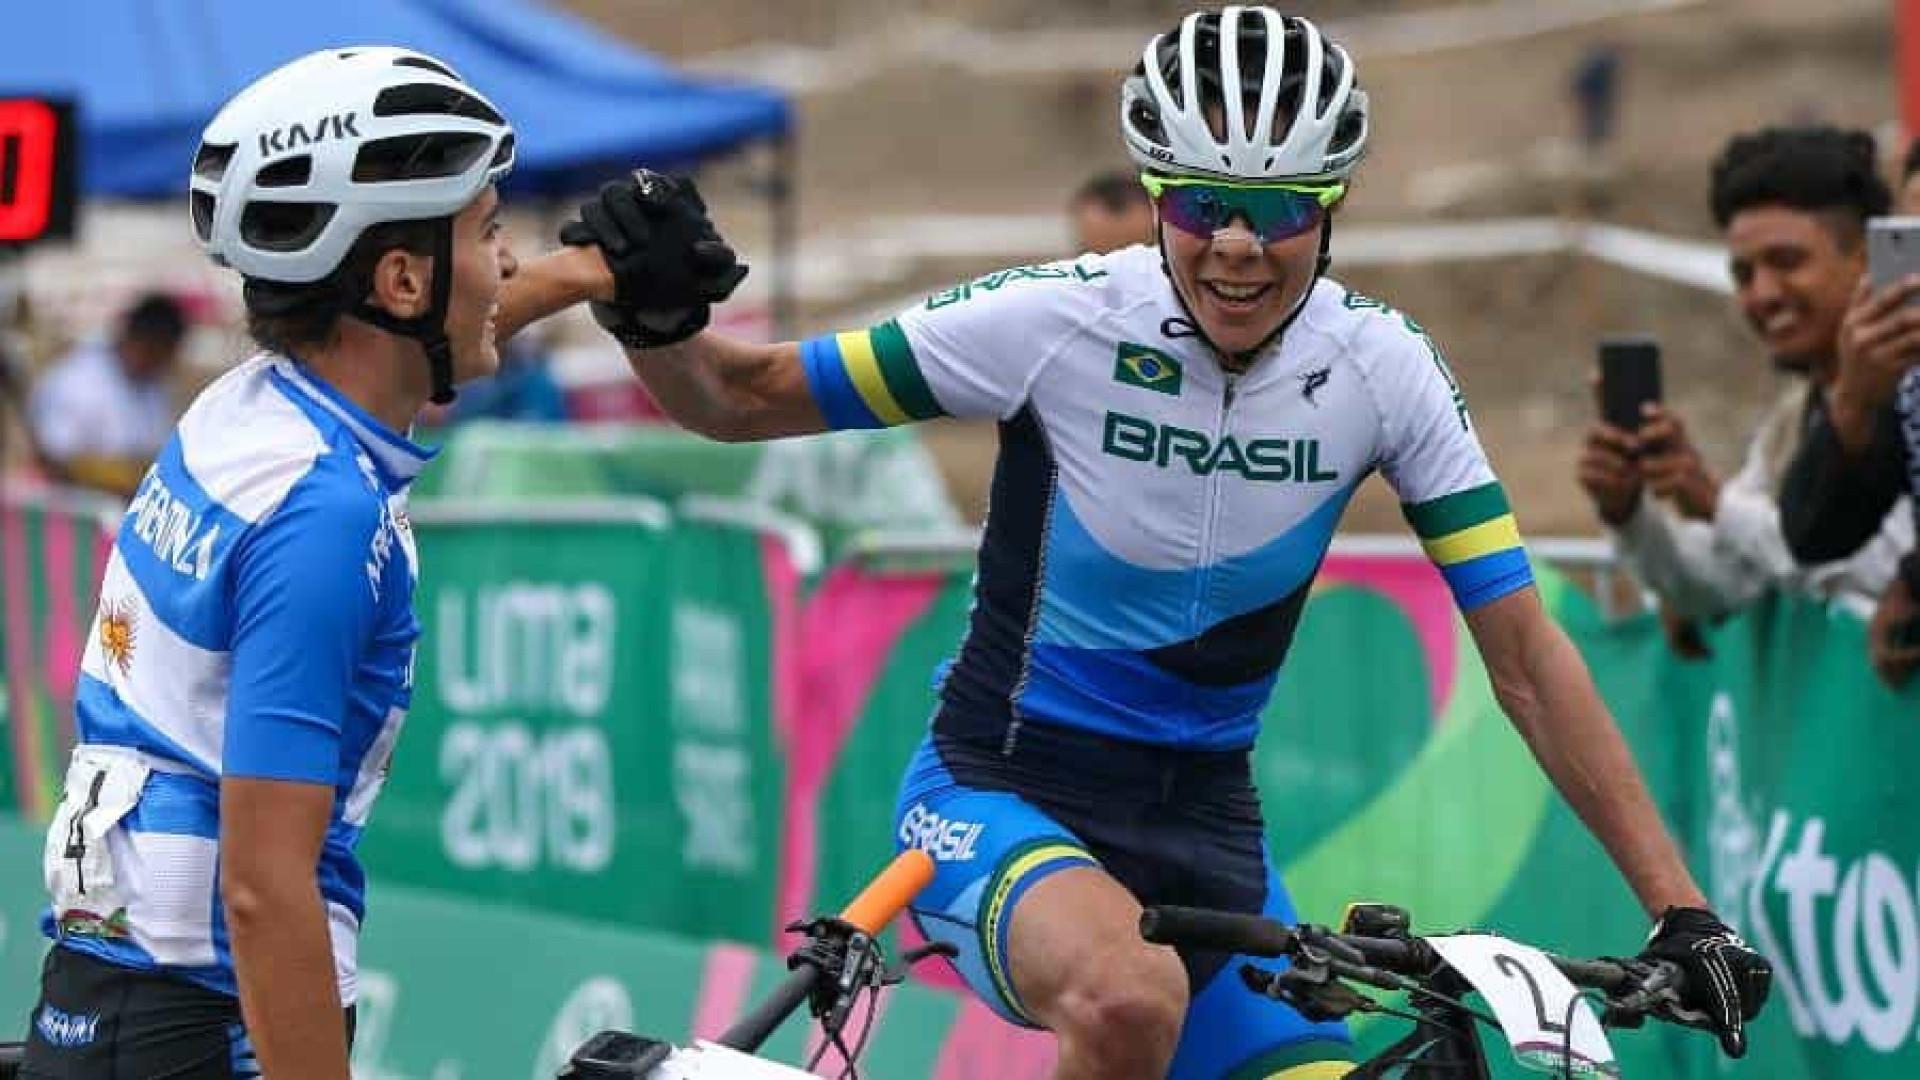 Jaqueline Mourão celebra bronze no ciclismo no Pan: 'Um sonho'